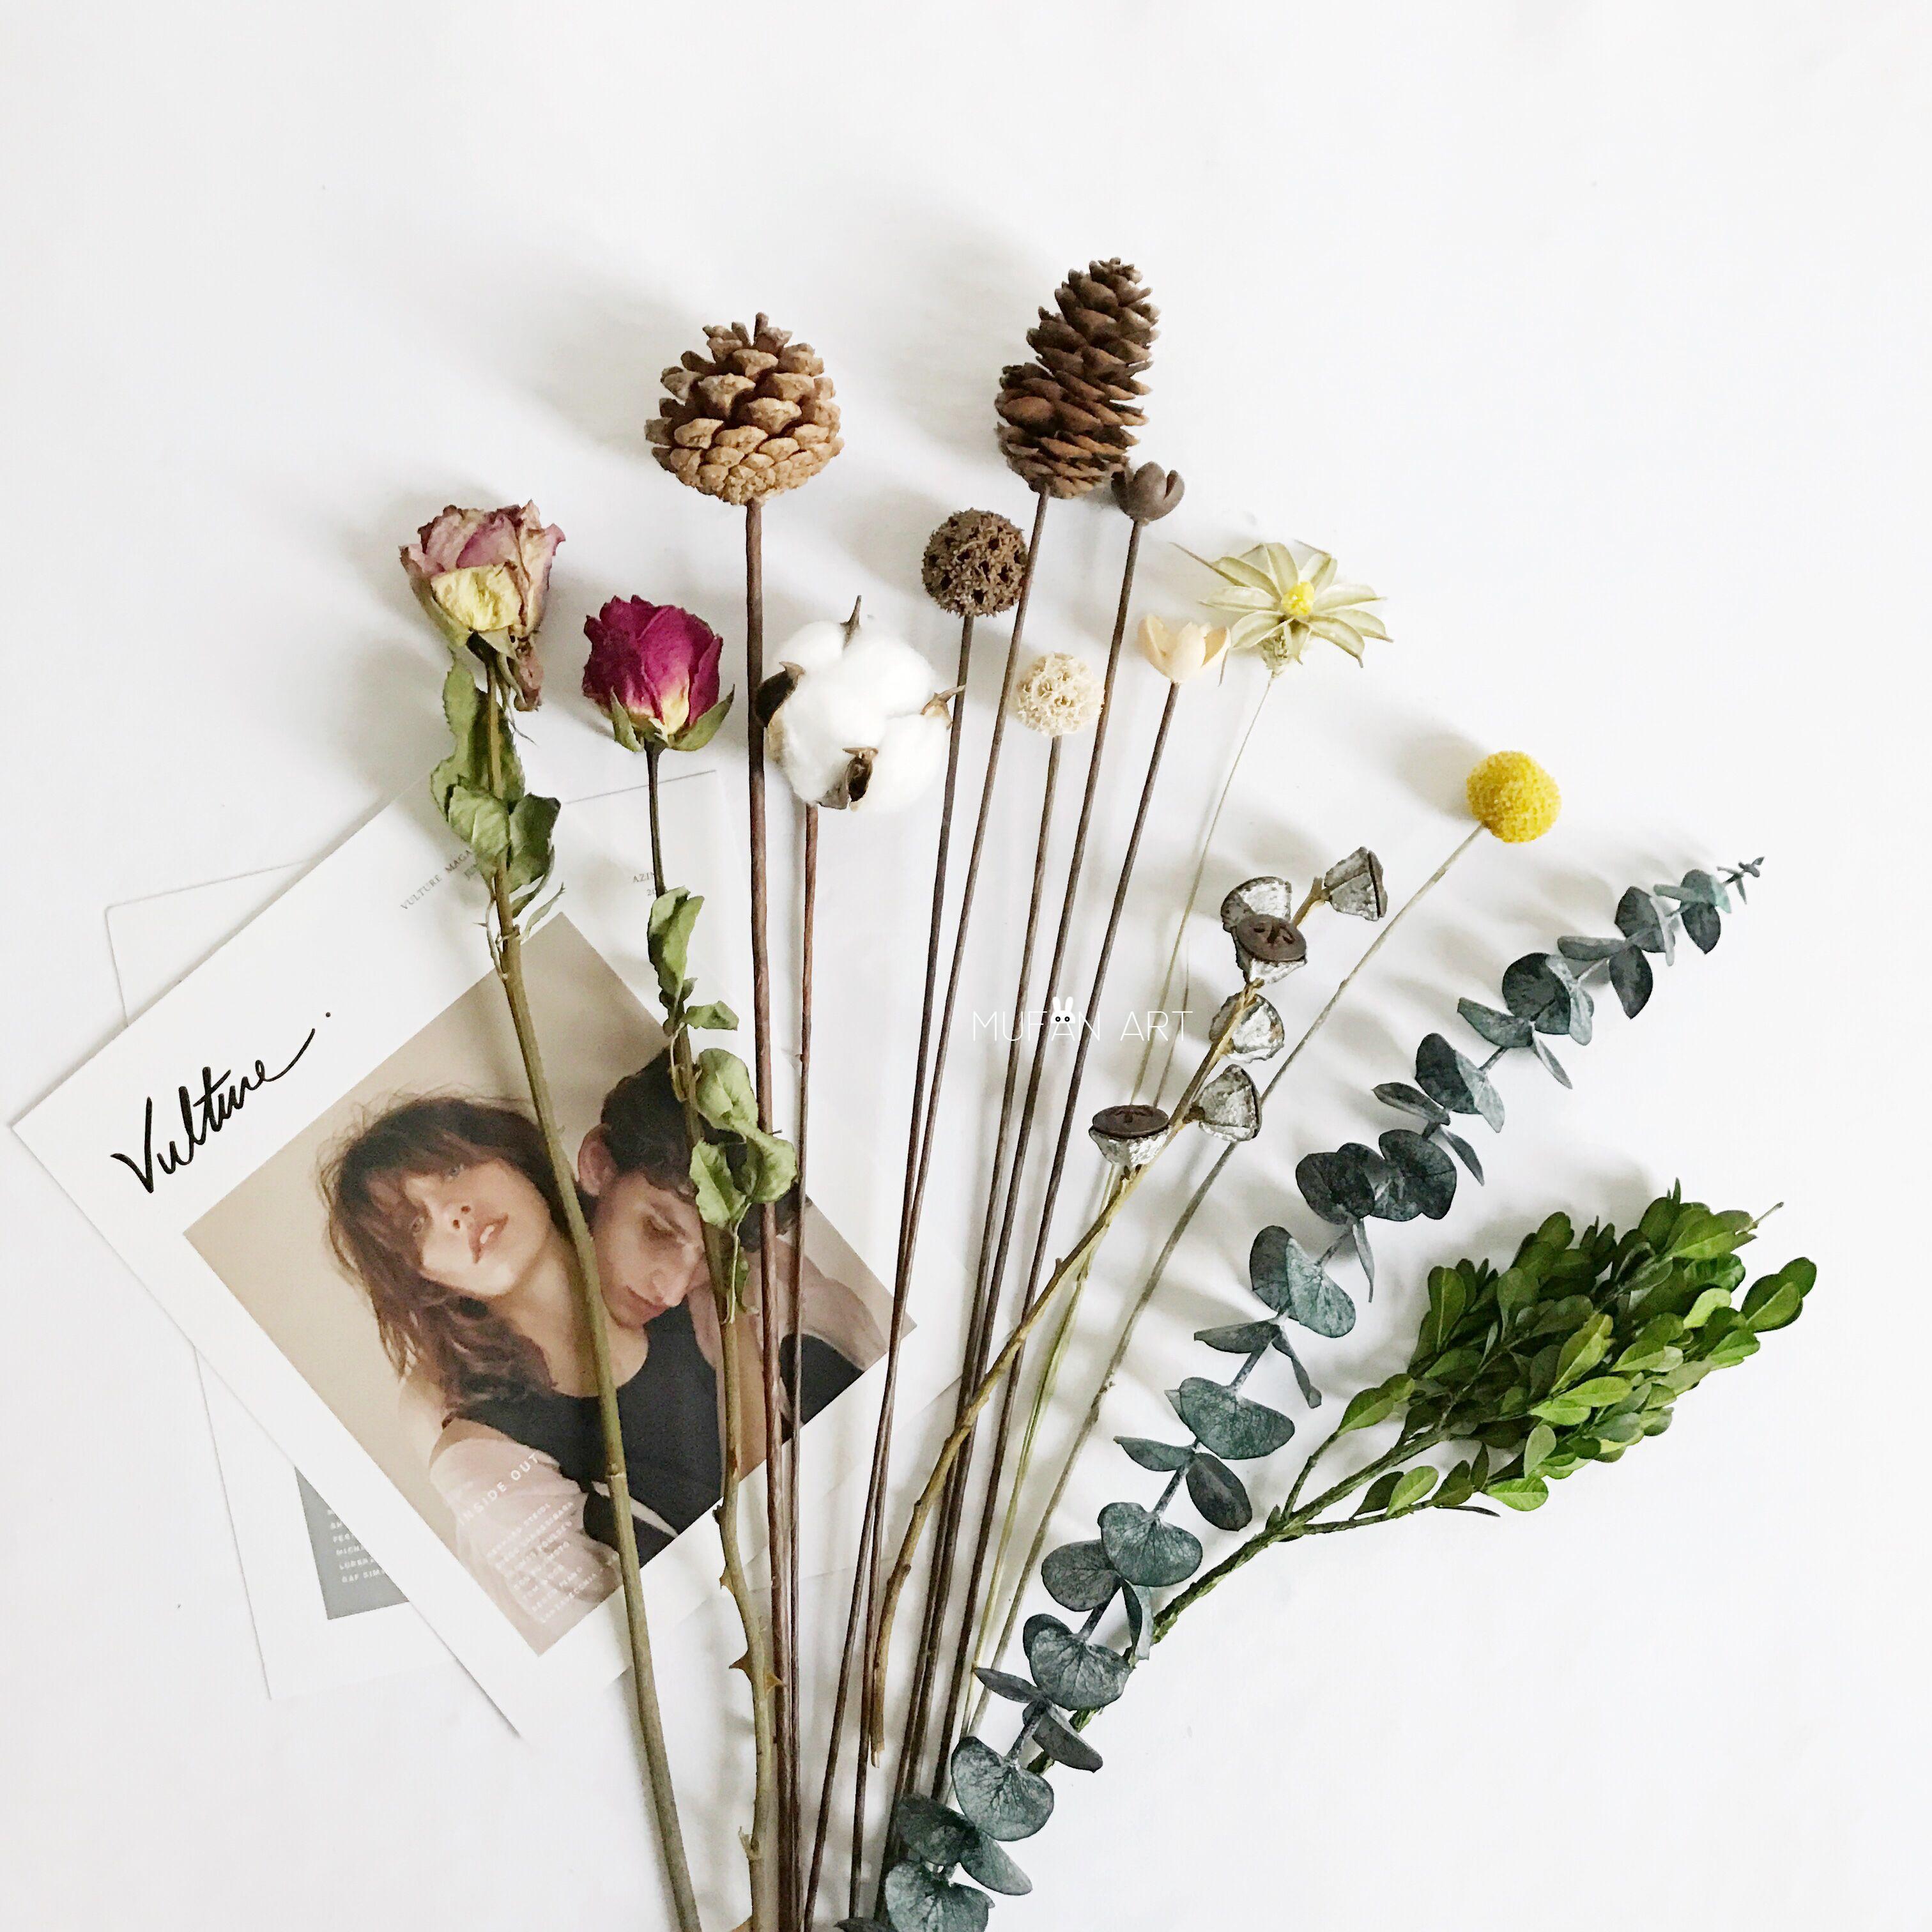 Природный сухие цветы золото мяч эвкалипт хлопок эхинацея свободный башня роуз паспарту домой декоративный цветочная композиция